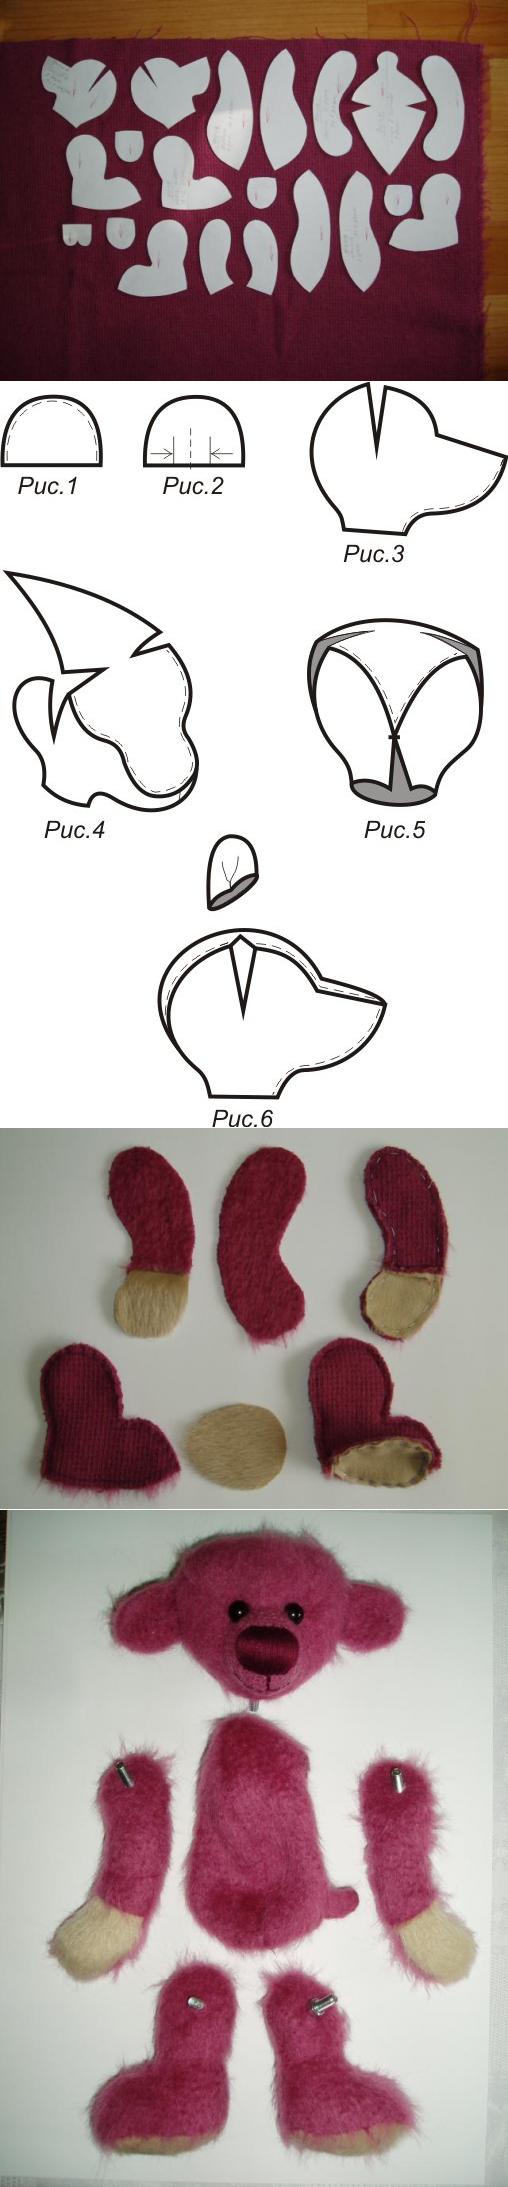 Pin von Marcela Rico auf peluches | Pinterest | Bären, Handarbeiten ...